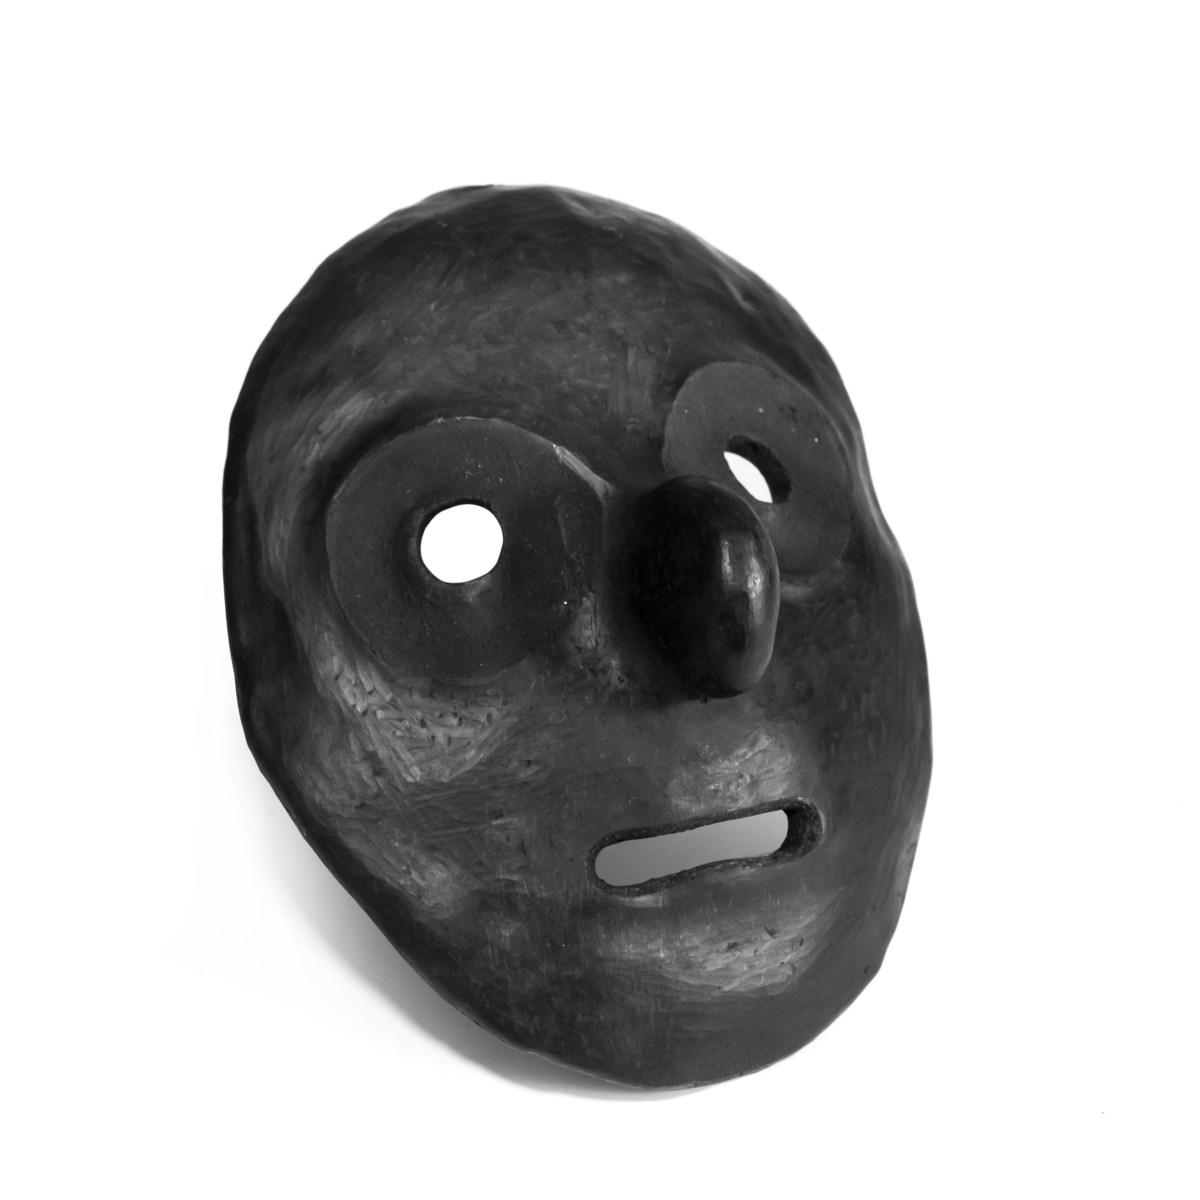 Mascara en cerámica de media modelada a mano